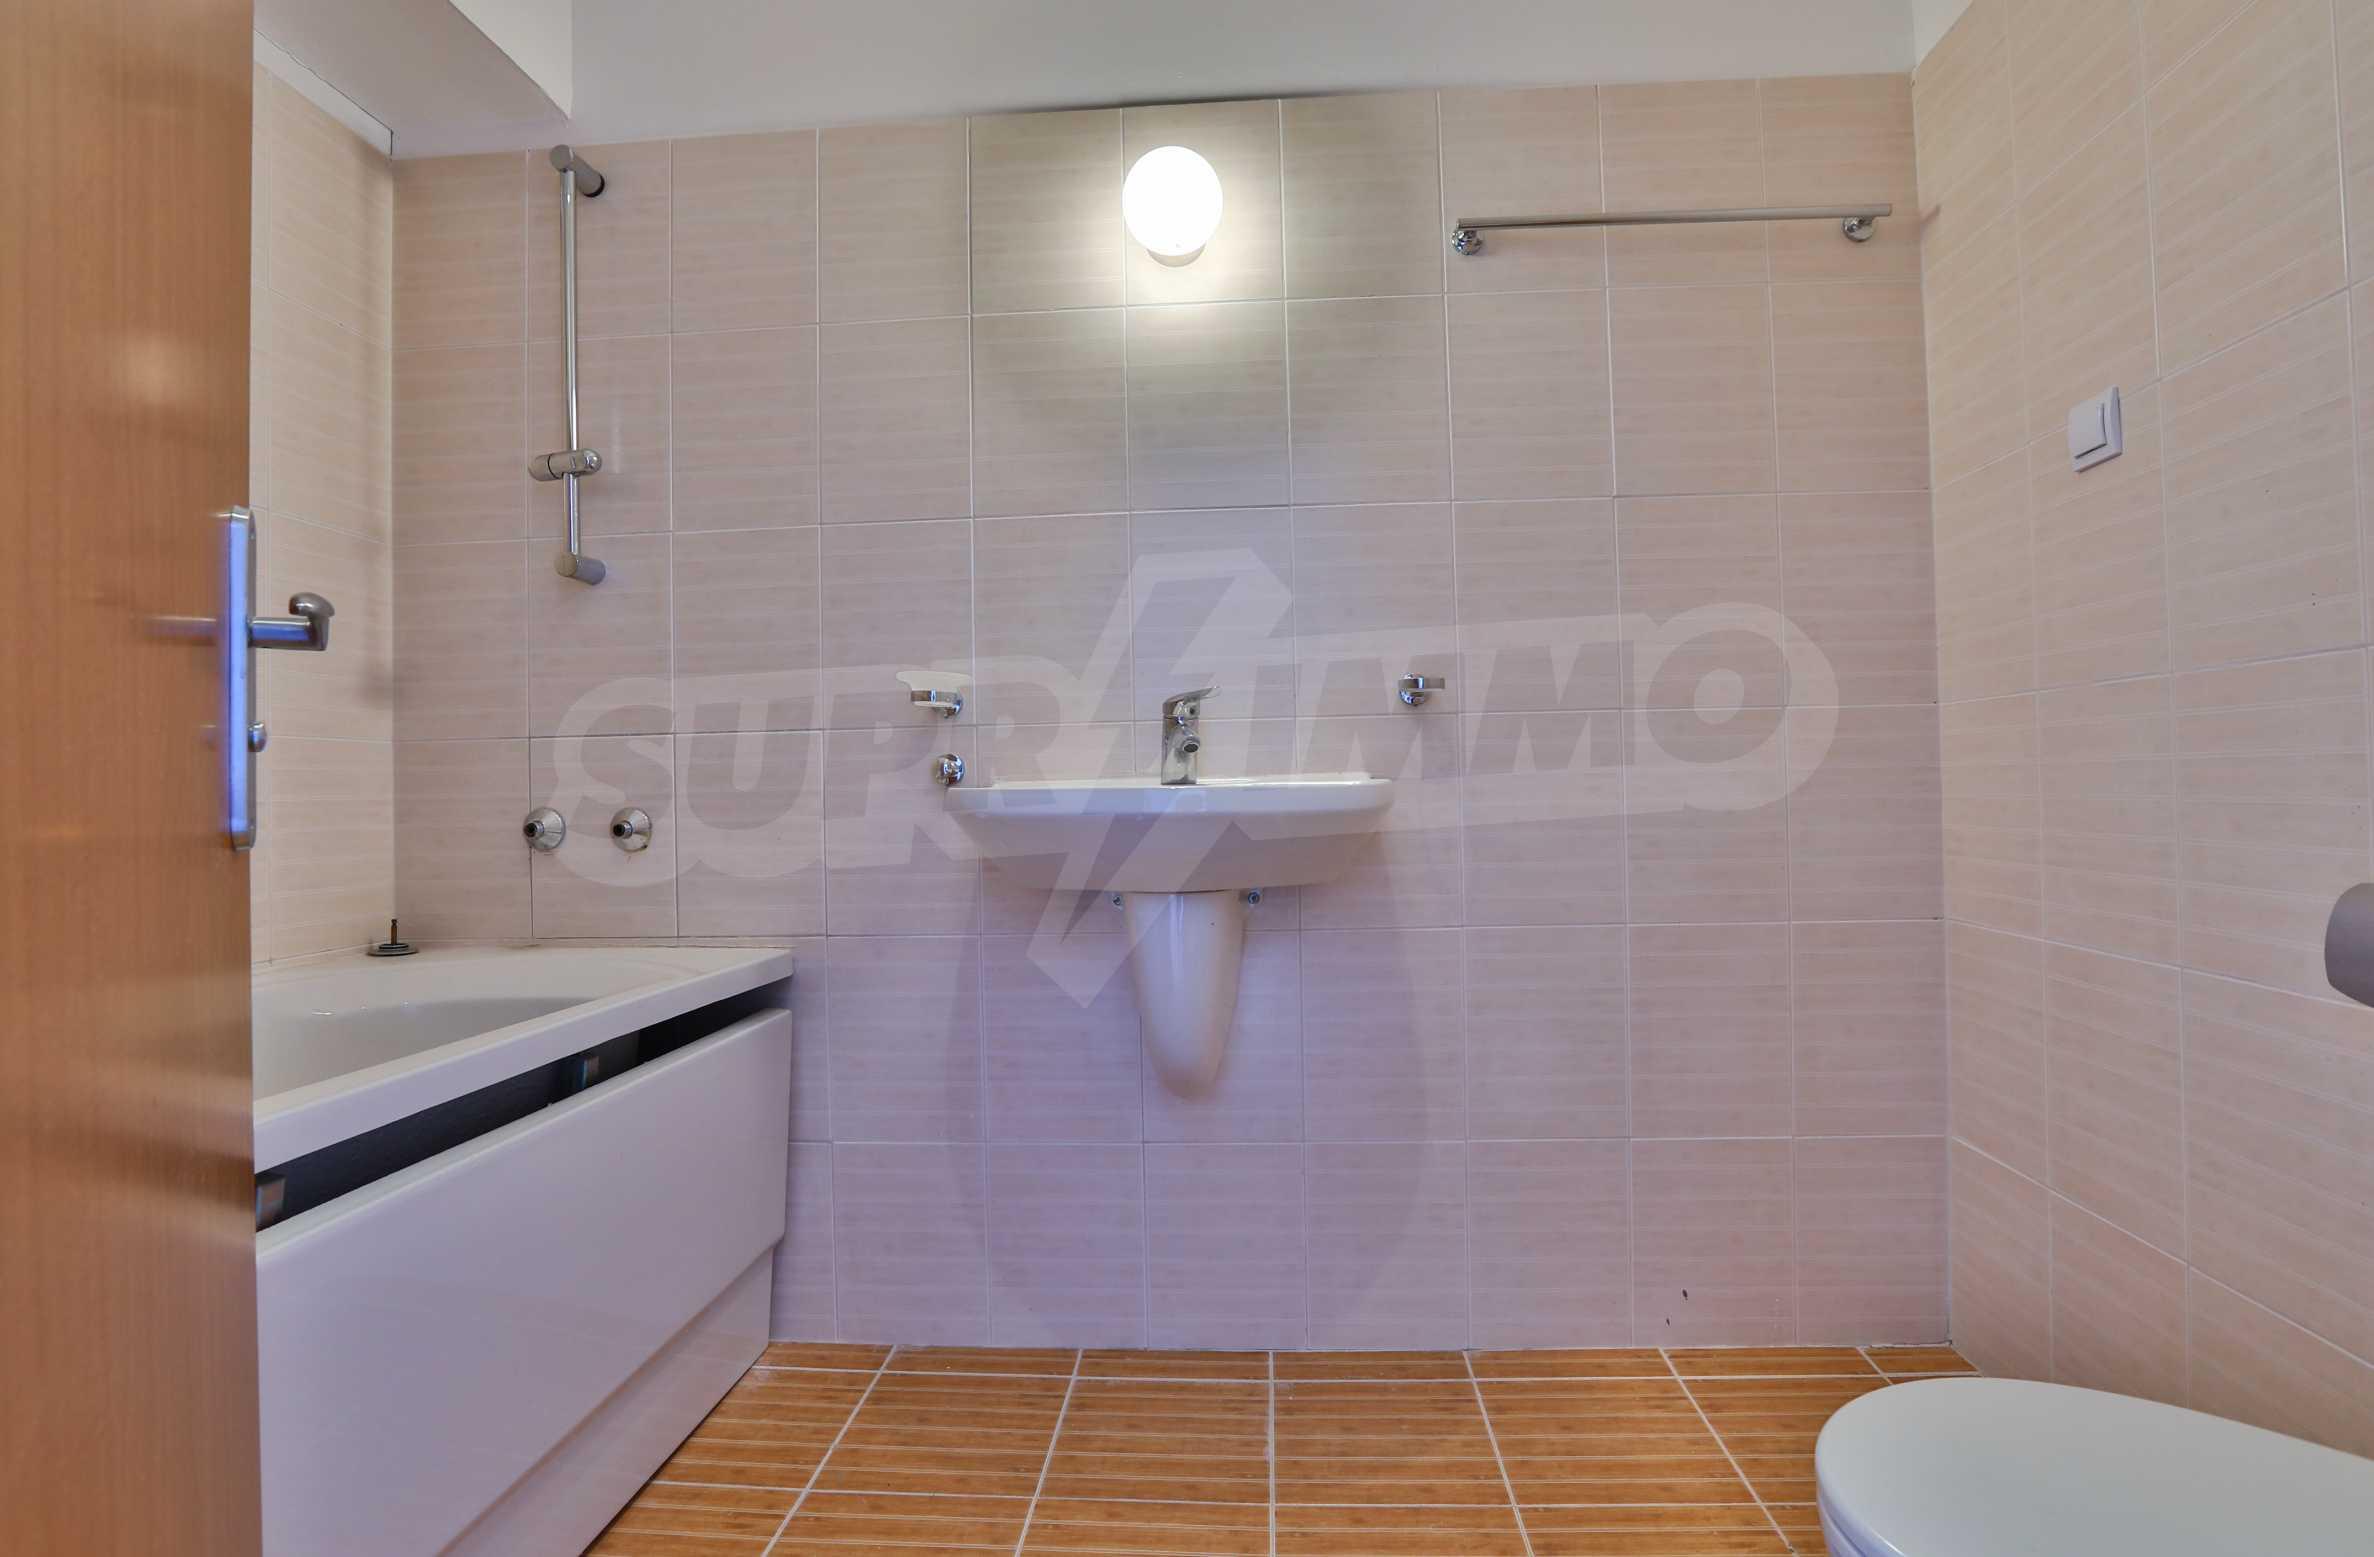 Първокласни апартаменти за продажба на метри от писта Ястребец в Боровец 10